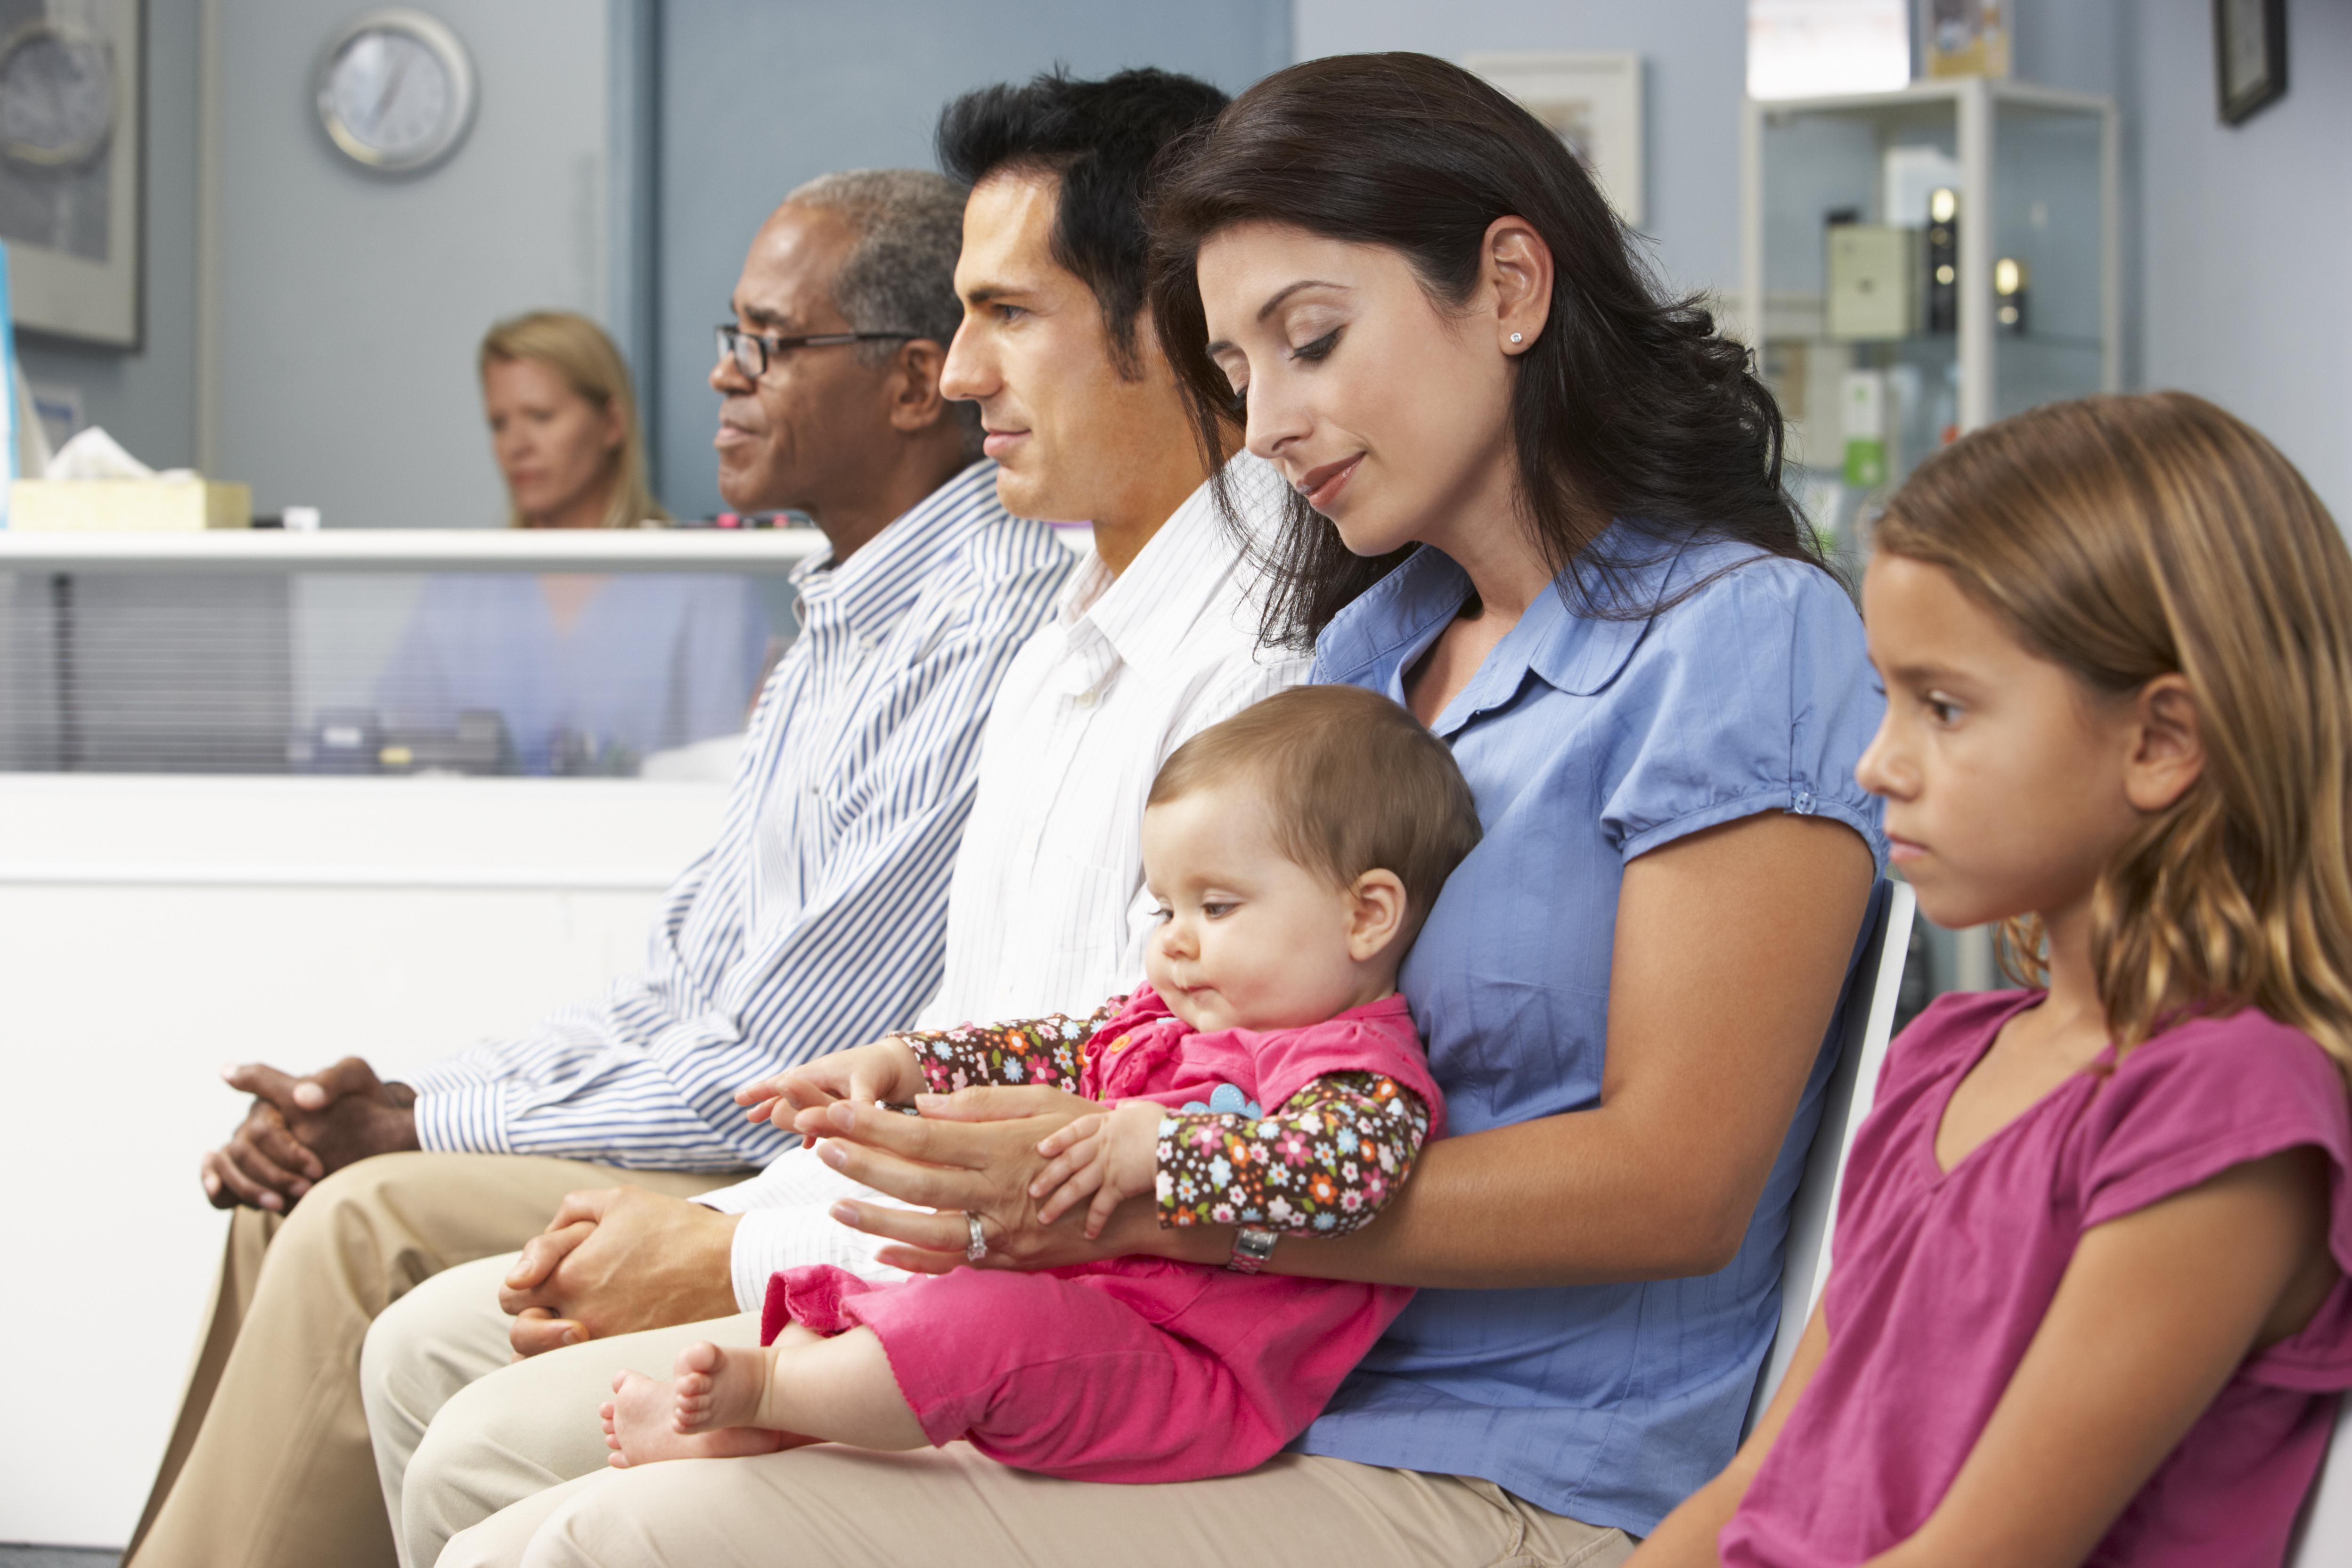 Genom att göra det gratis att få vård på vårdcentralen hoppas man kunna styra patienterna till rätt vårdnivå.